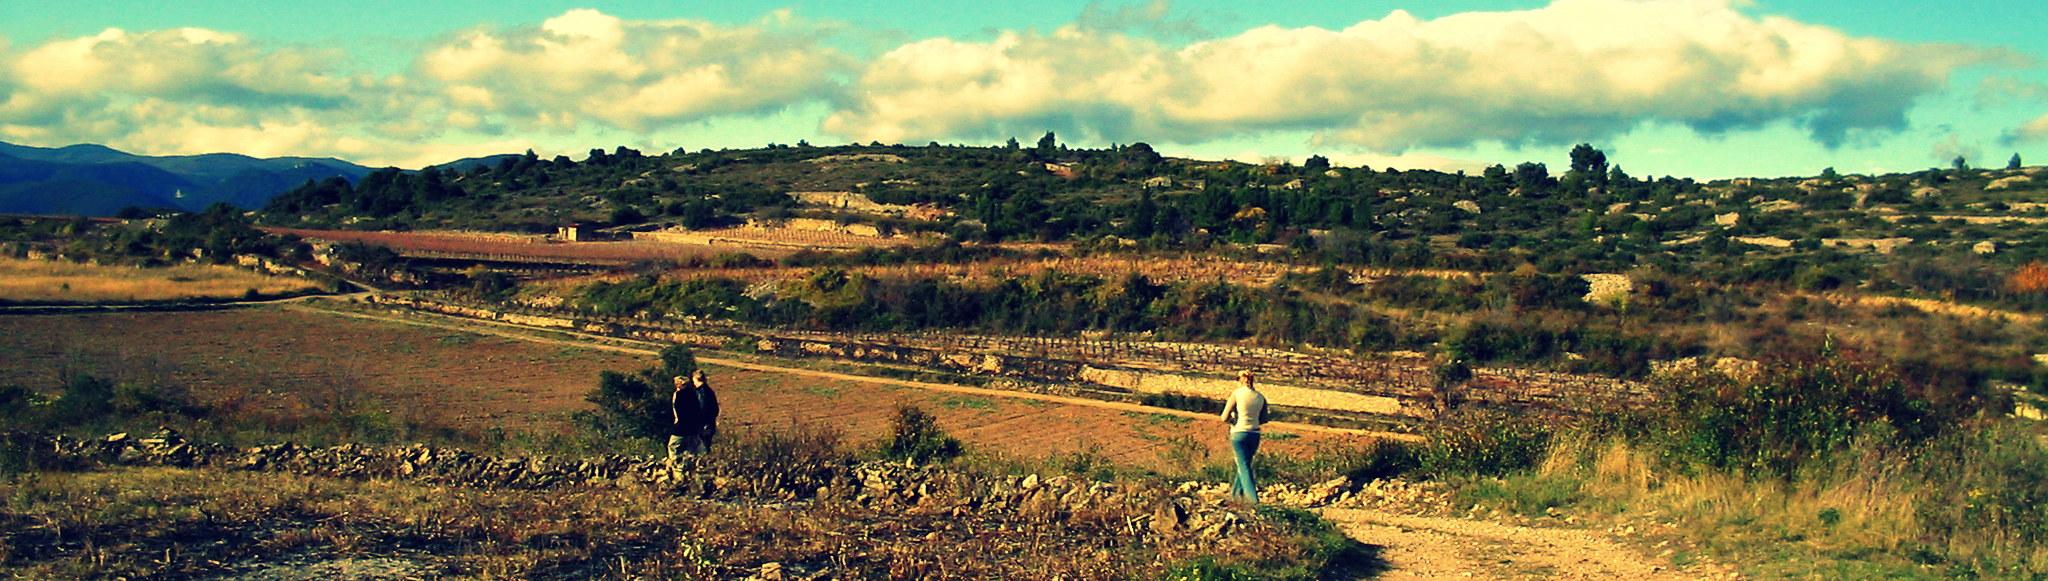 De velden rondom Cébazan